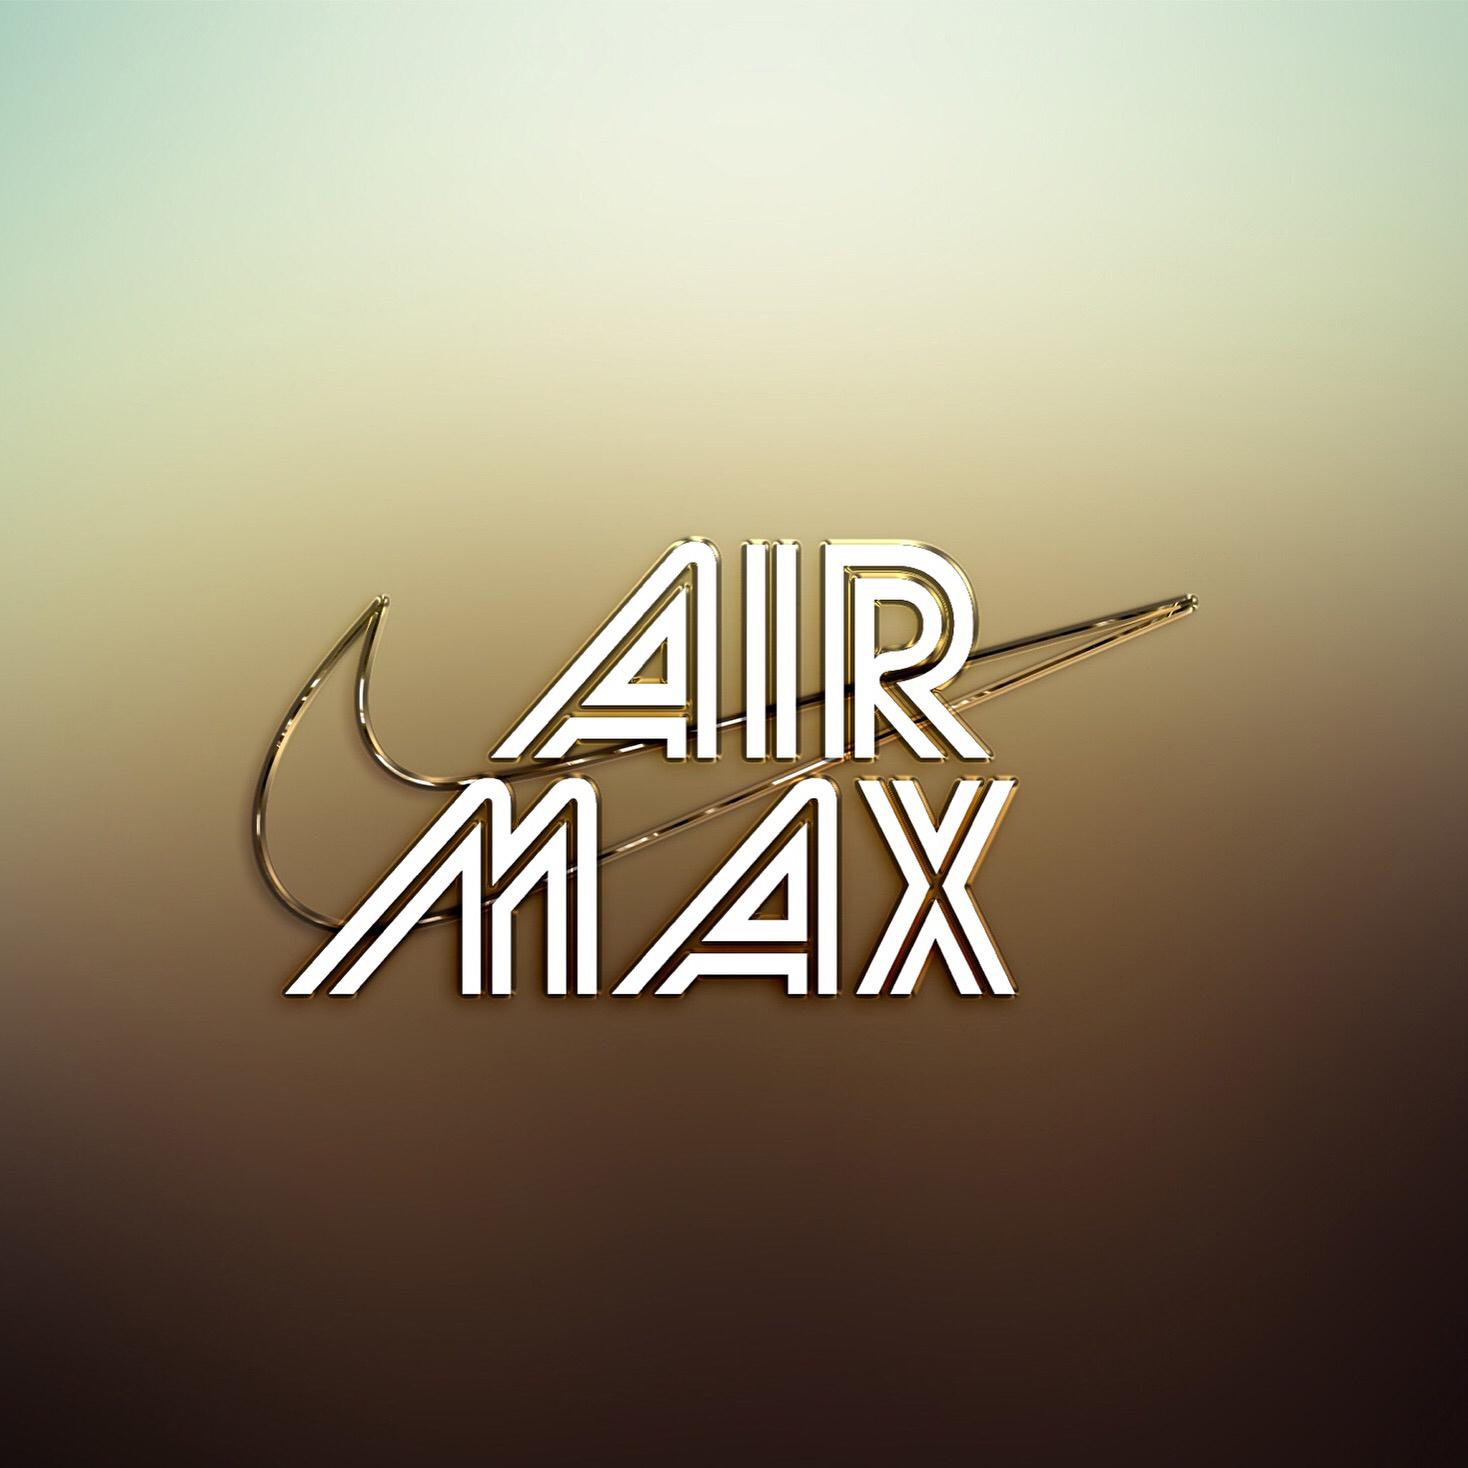 Nike Air Max 2 Modelos de Zapatillas para Hombre por menos de 50€ cada una